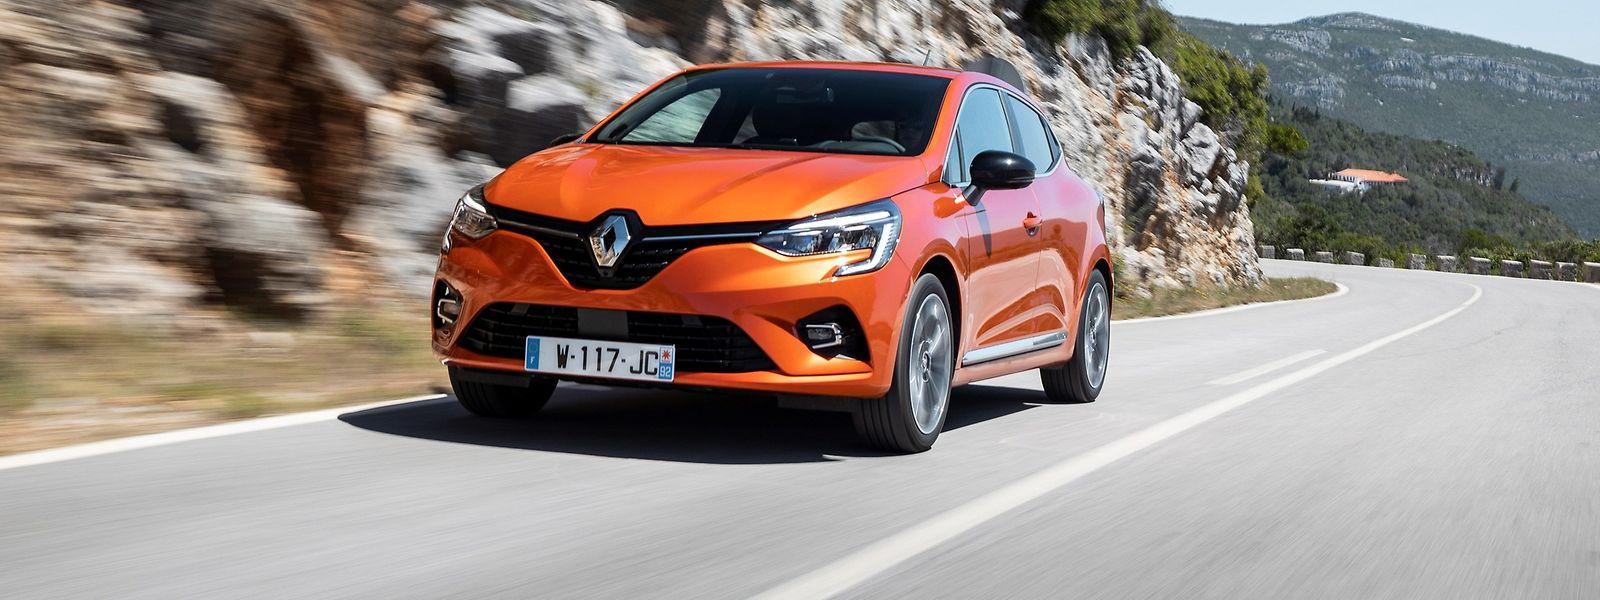 Der Renault Clio bleibt auch in fünfter Generation ein unverwechselbares Gesicht in der Menge.